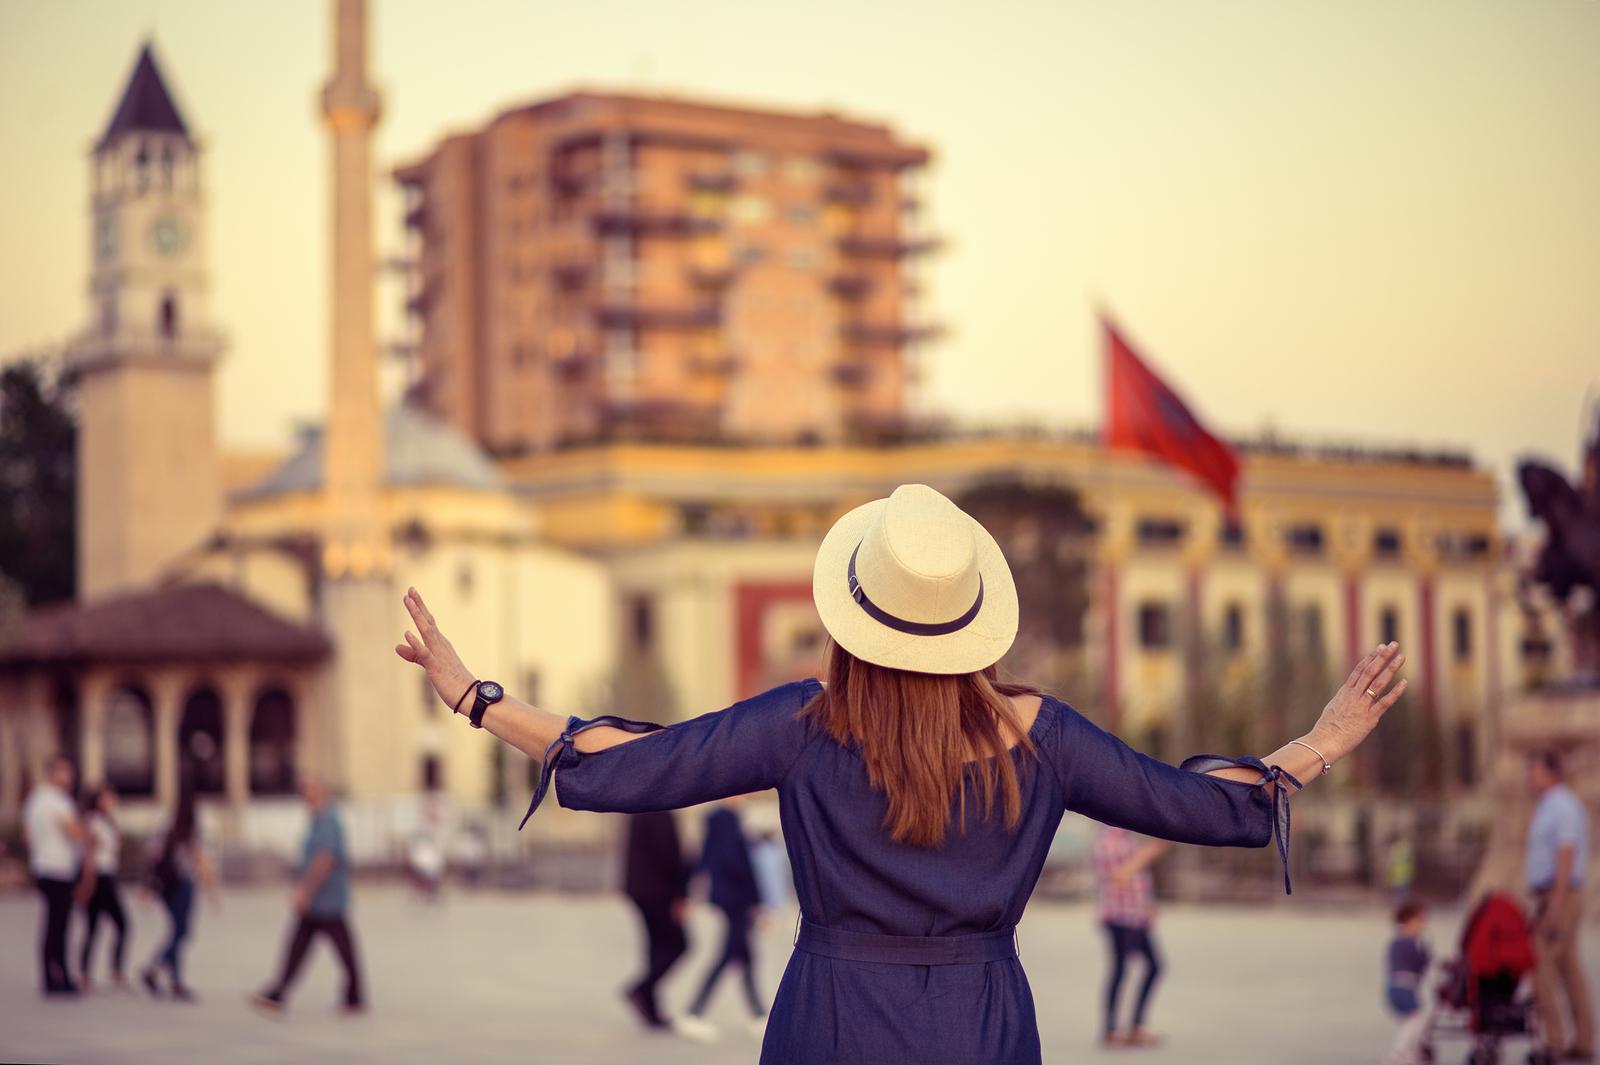 Albania looks to improve entrepreneurship opportunities for women